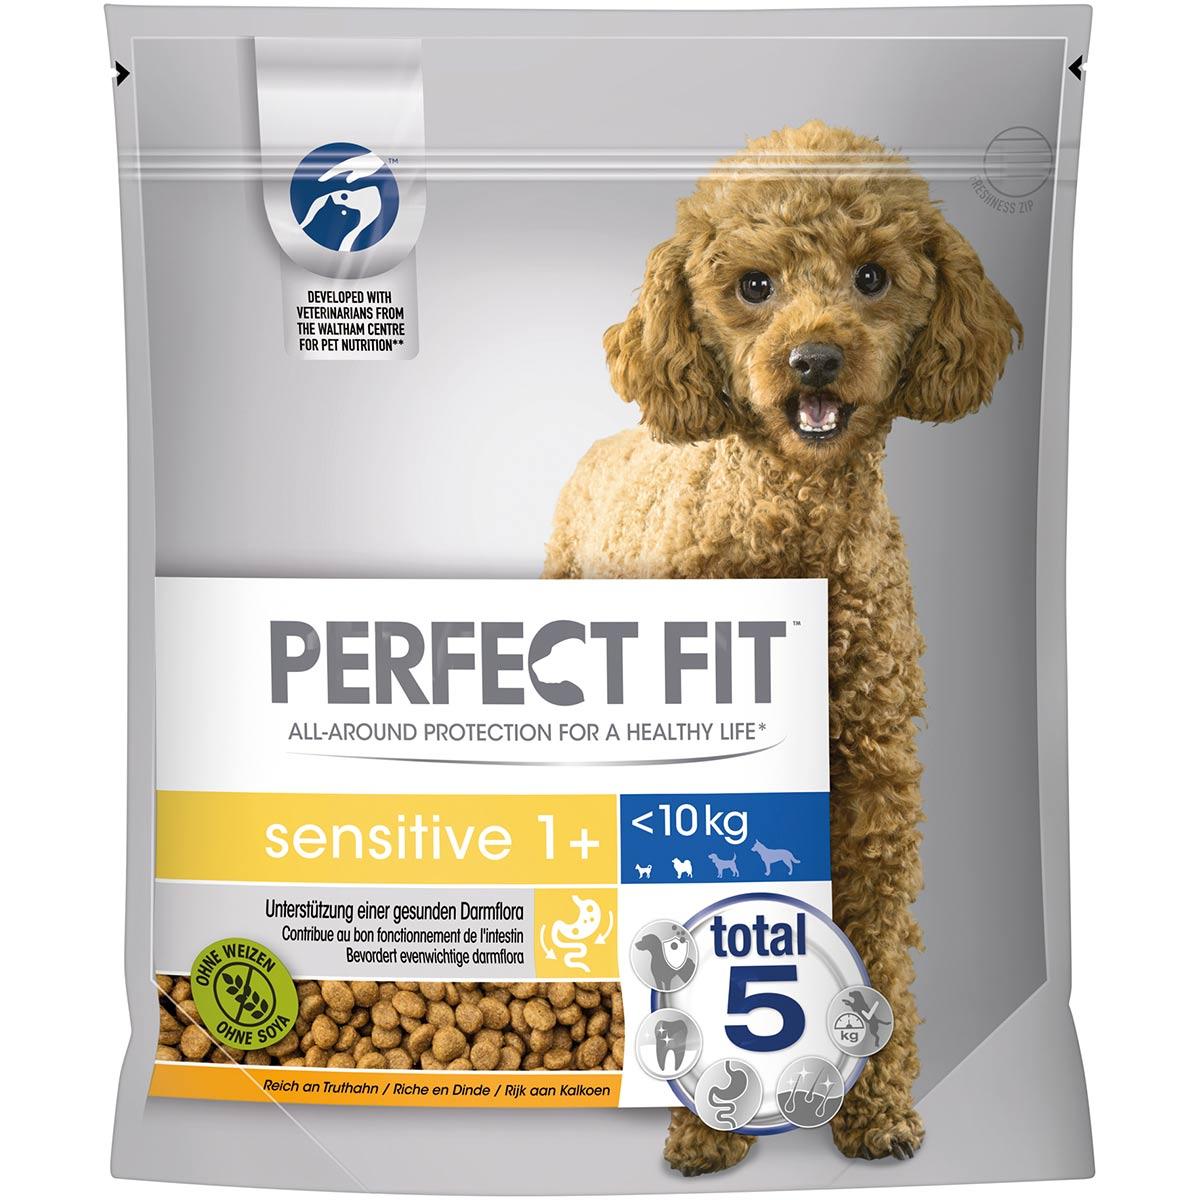 PERFECT FIT Sensitive Adult 1+ für kleine Hunde mit Truthahn 1,4kg